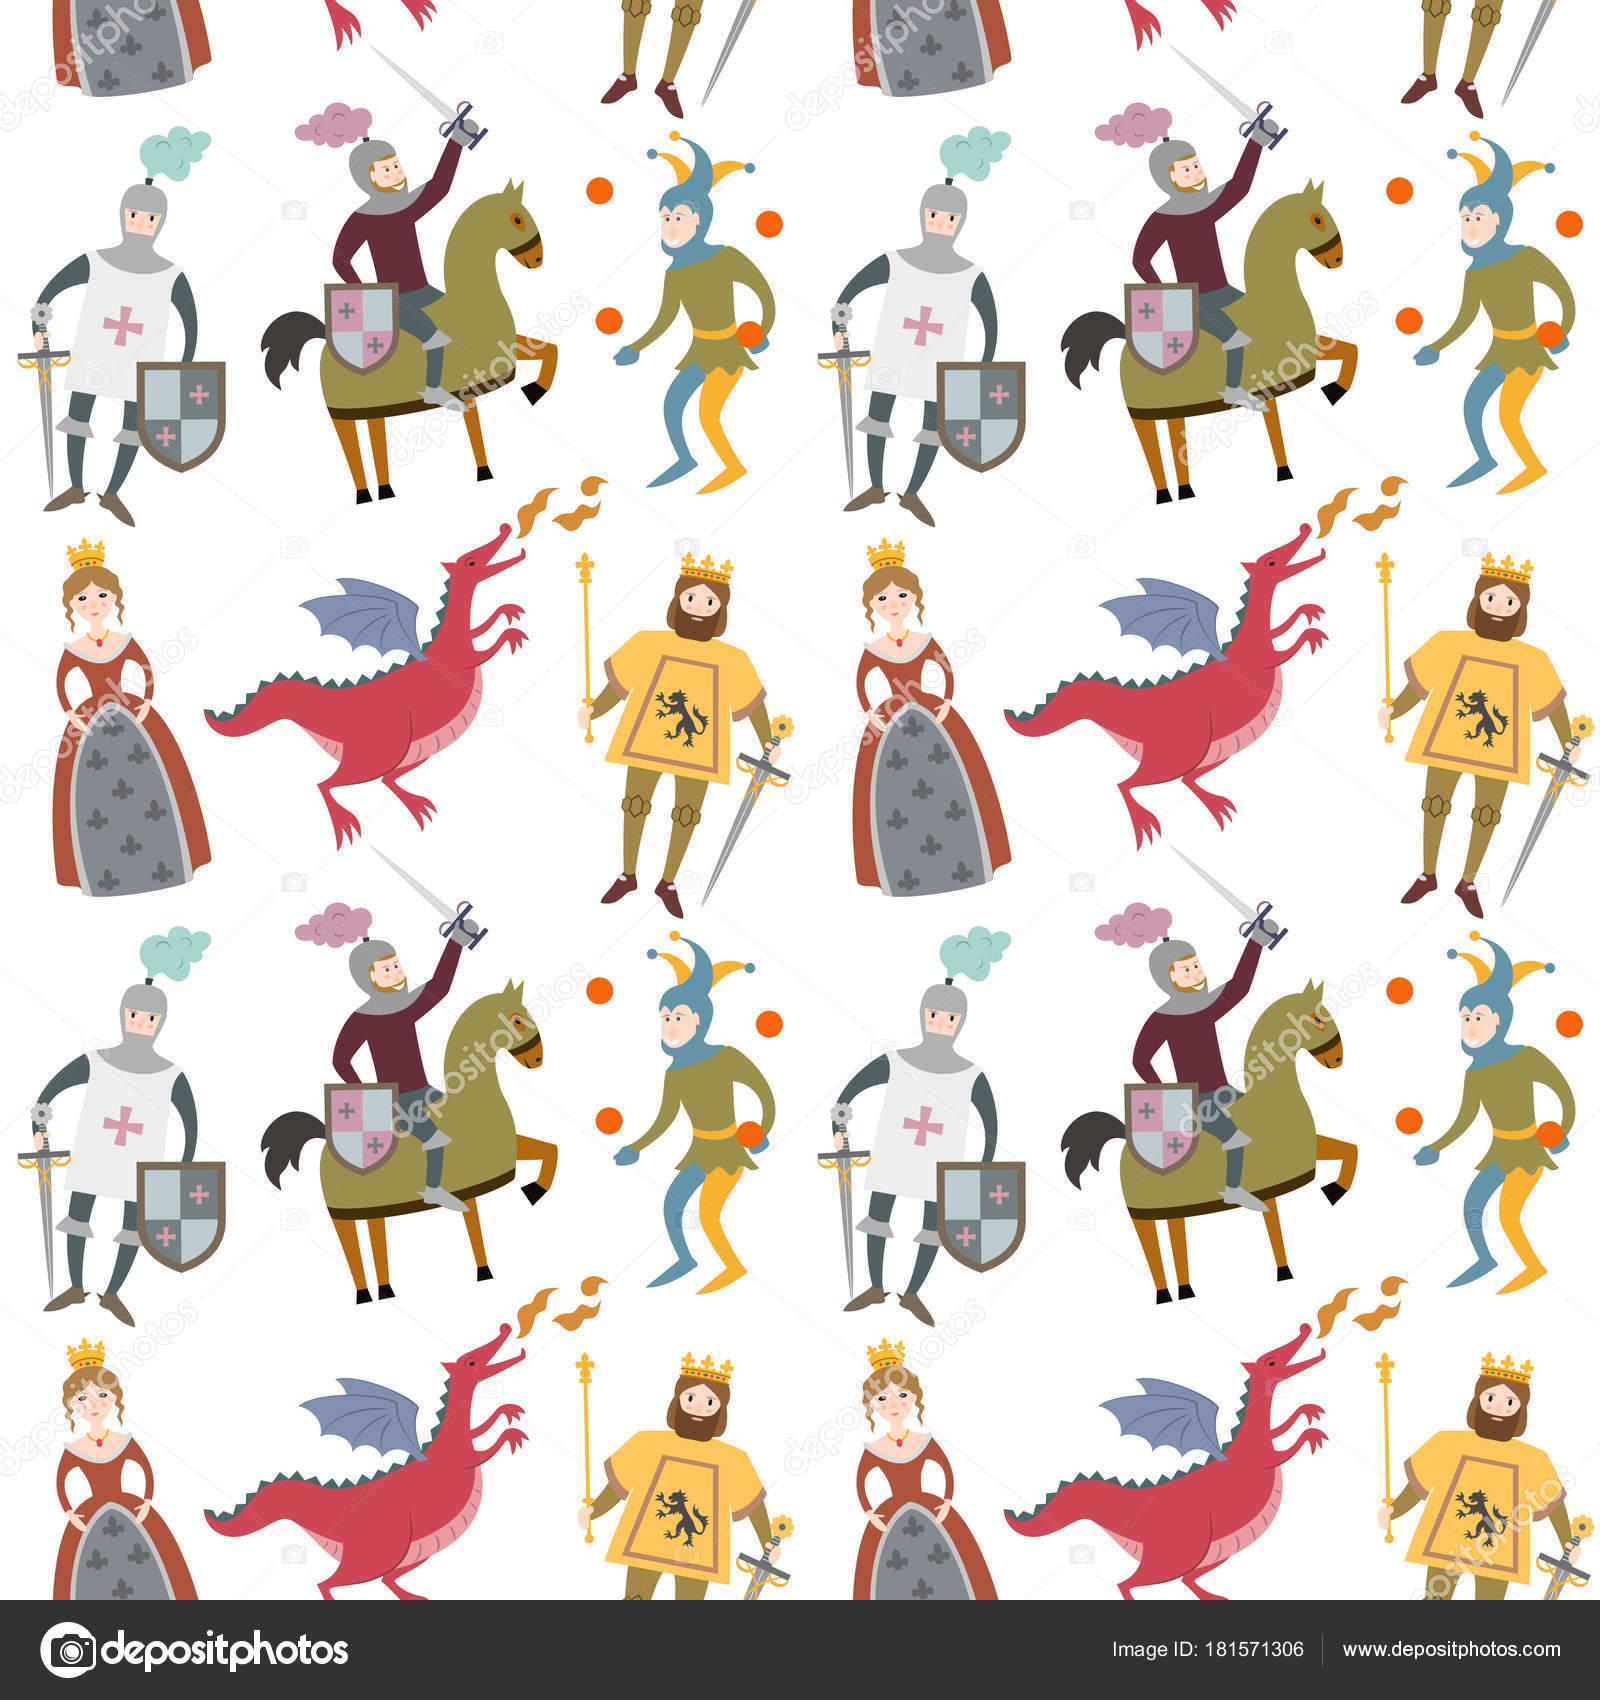 Imágenes Bufones De La Edad Media Patrón De Dibujos Animados Con